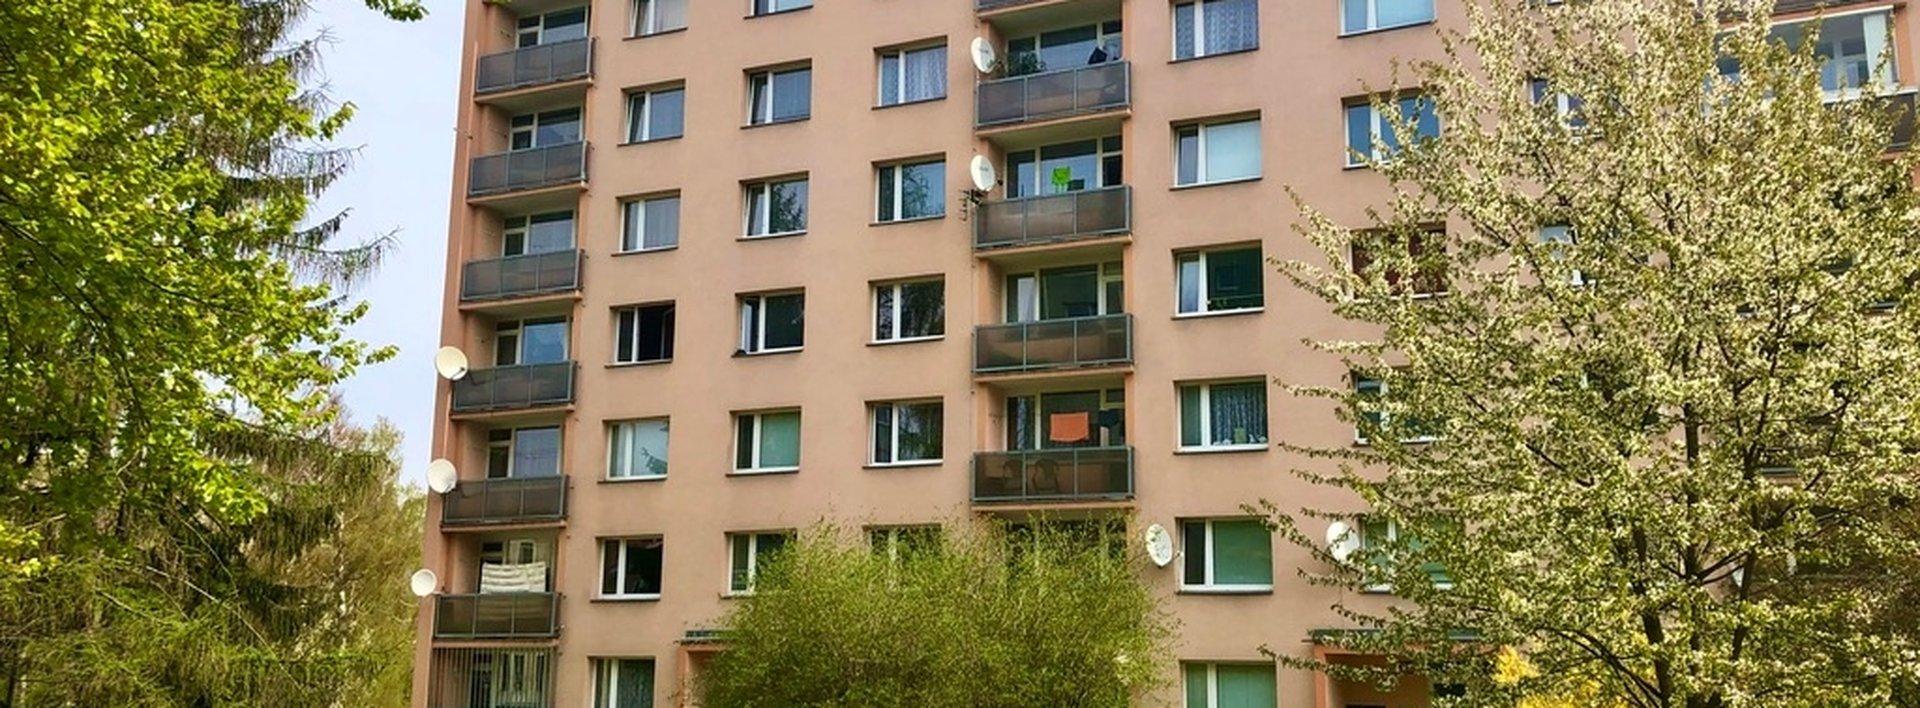 Pronájem bytu 2+1 s lodžií 60 m² - Liberec - Jeřáb, ul. Oldřichova, Ev.č.: N49039